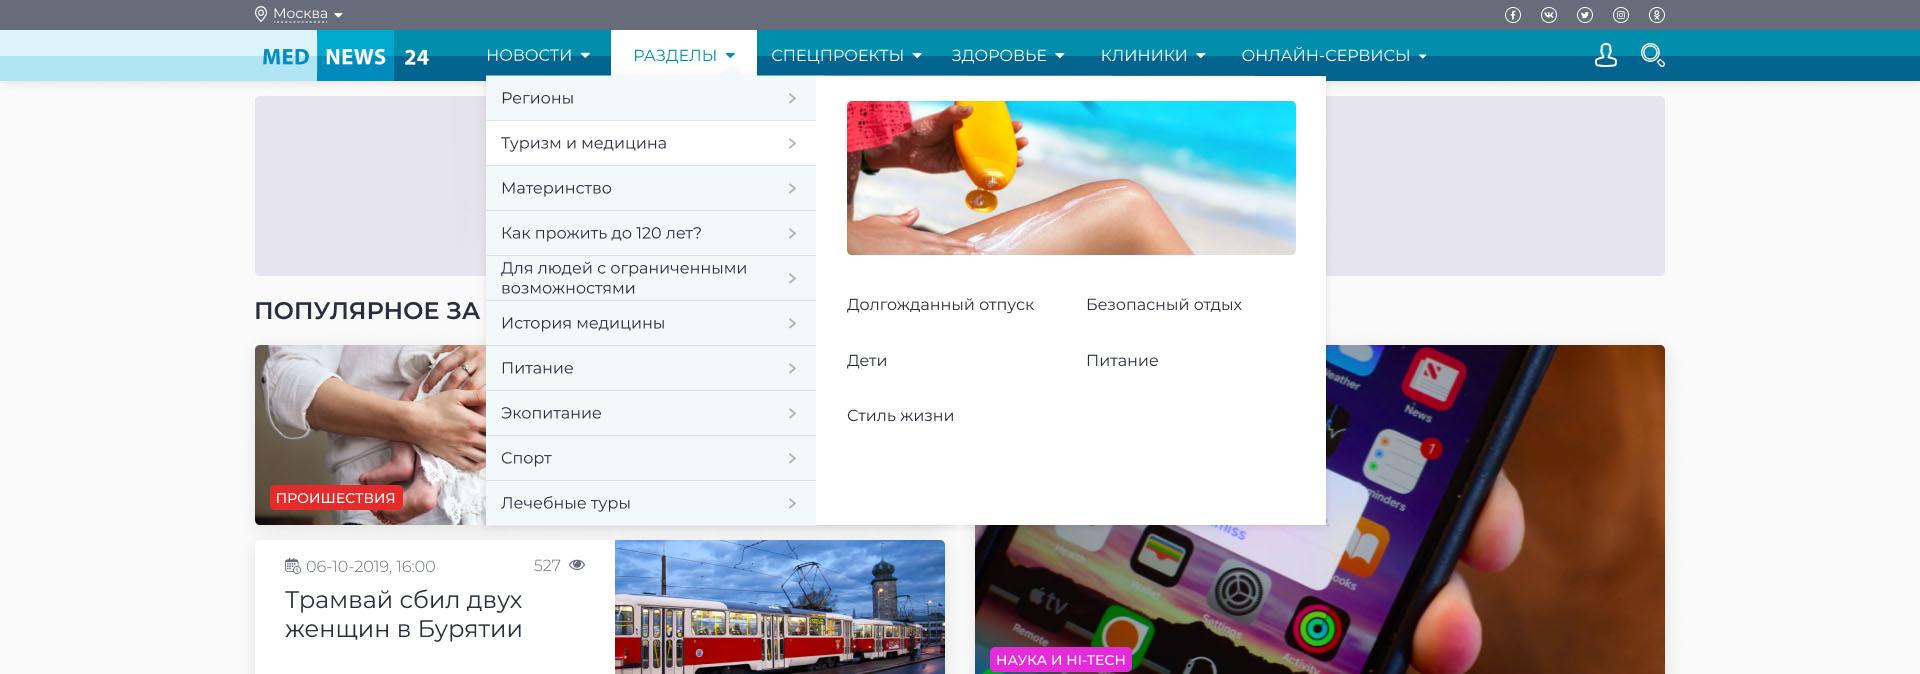 Редизайн главной страницы портала mednews24.ru фото f_1125d9f6cb97c845.jpg